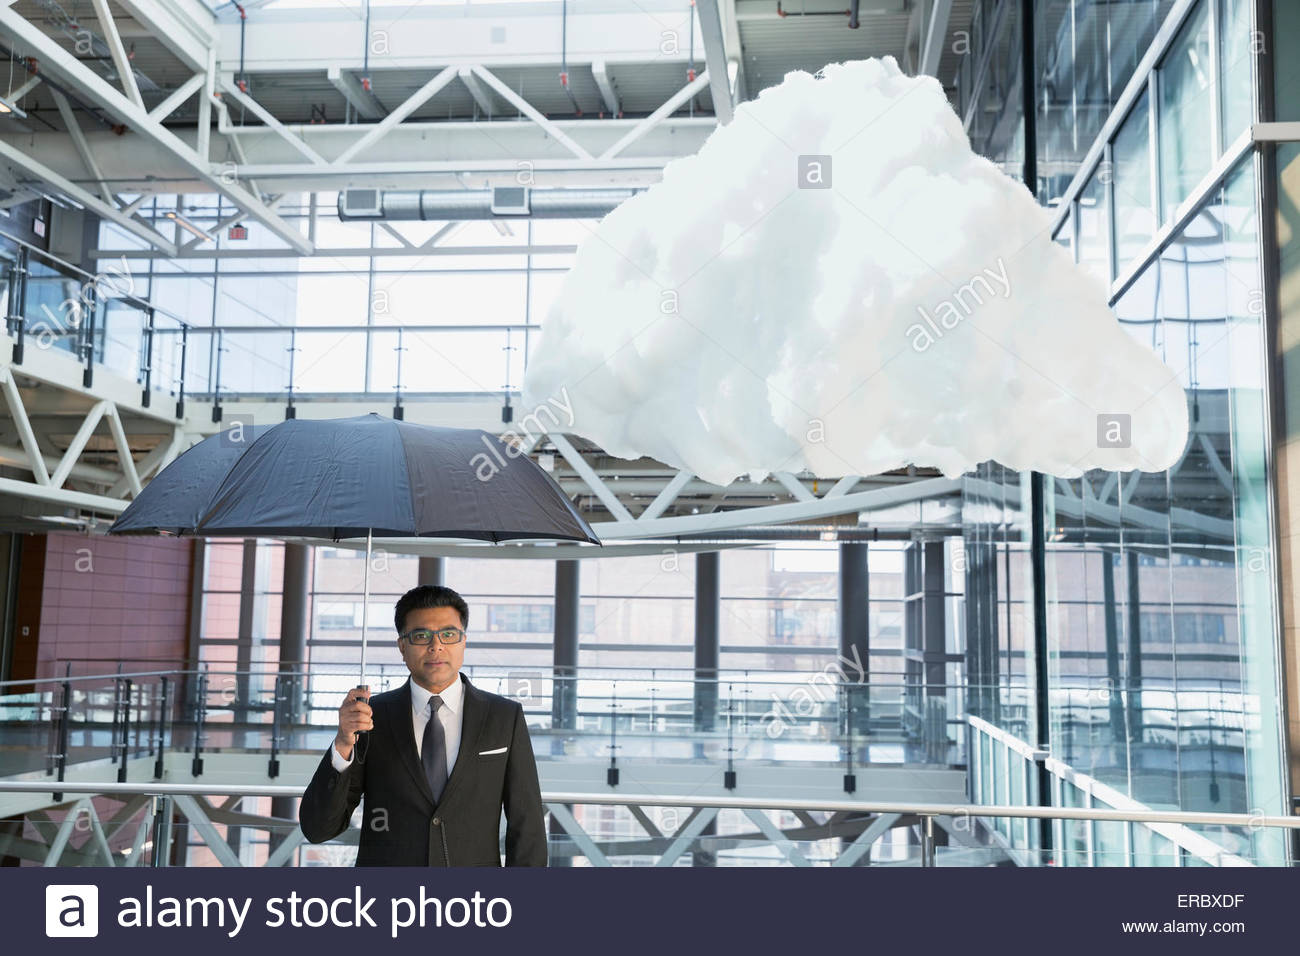 Porträt-Geschäftsmann mit Regenschirm unter Wolke im atrium Stockbild